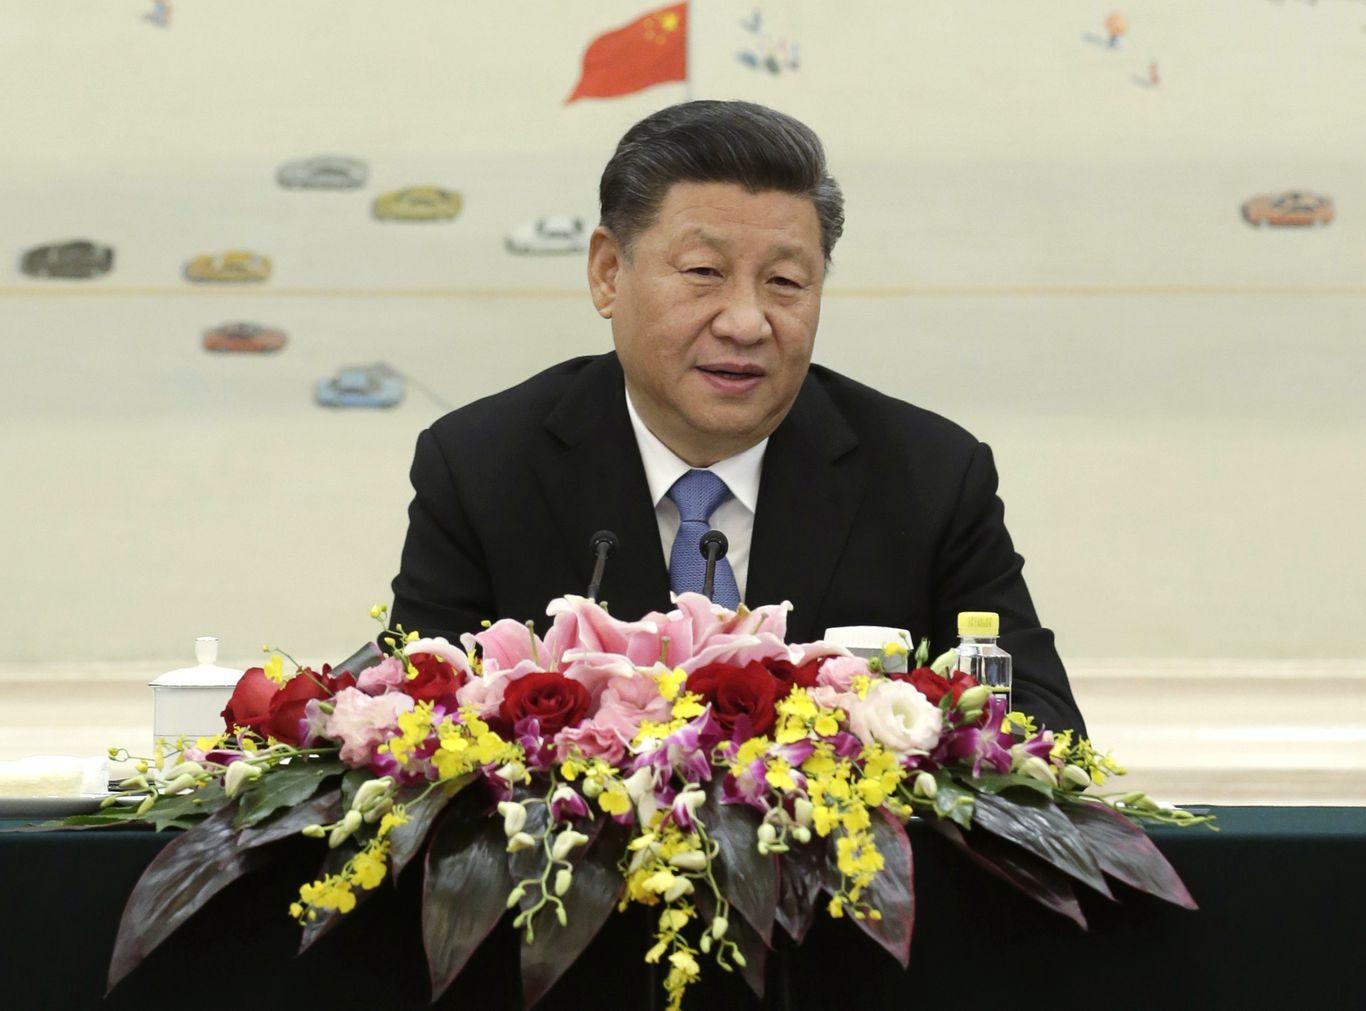 習近平亦強調,中方不怕打貿易戰。AP